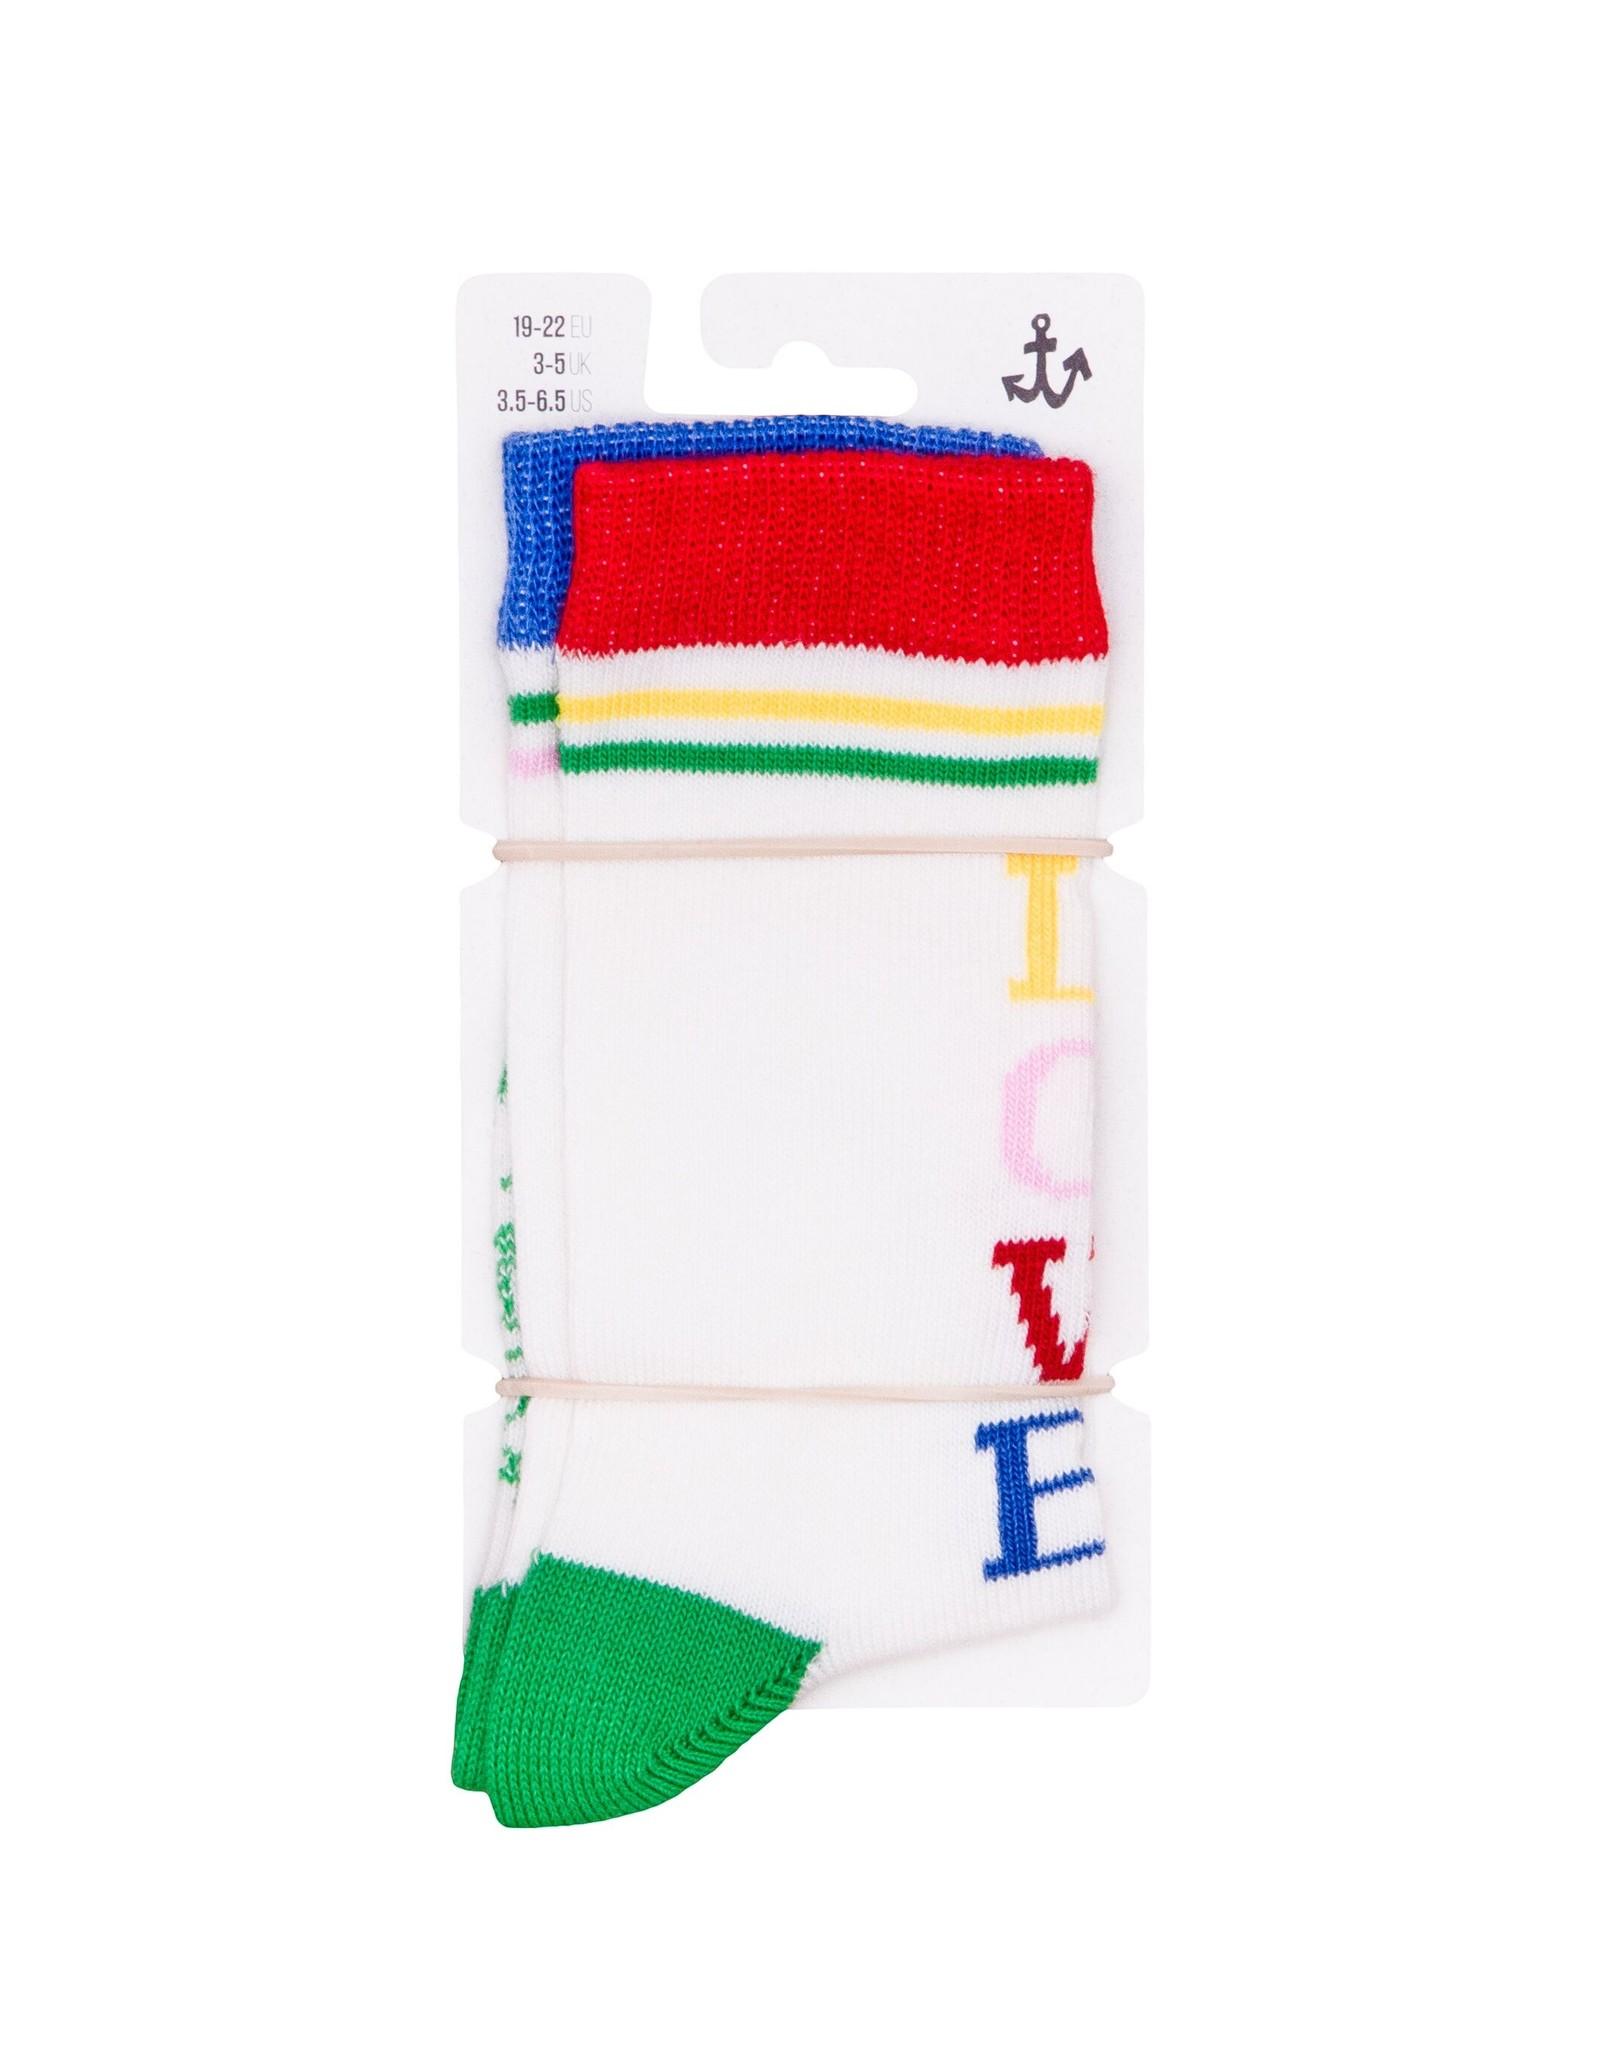 Noé & Zoë crew socks- rebel love